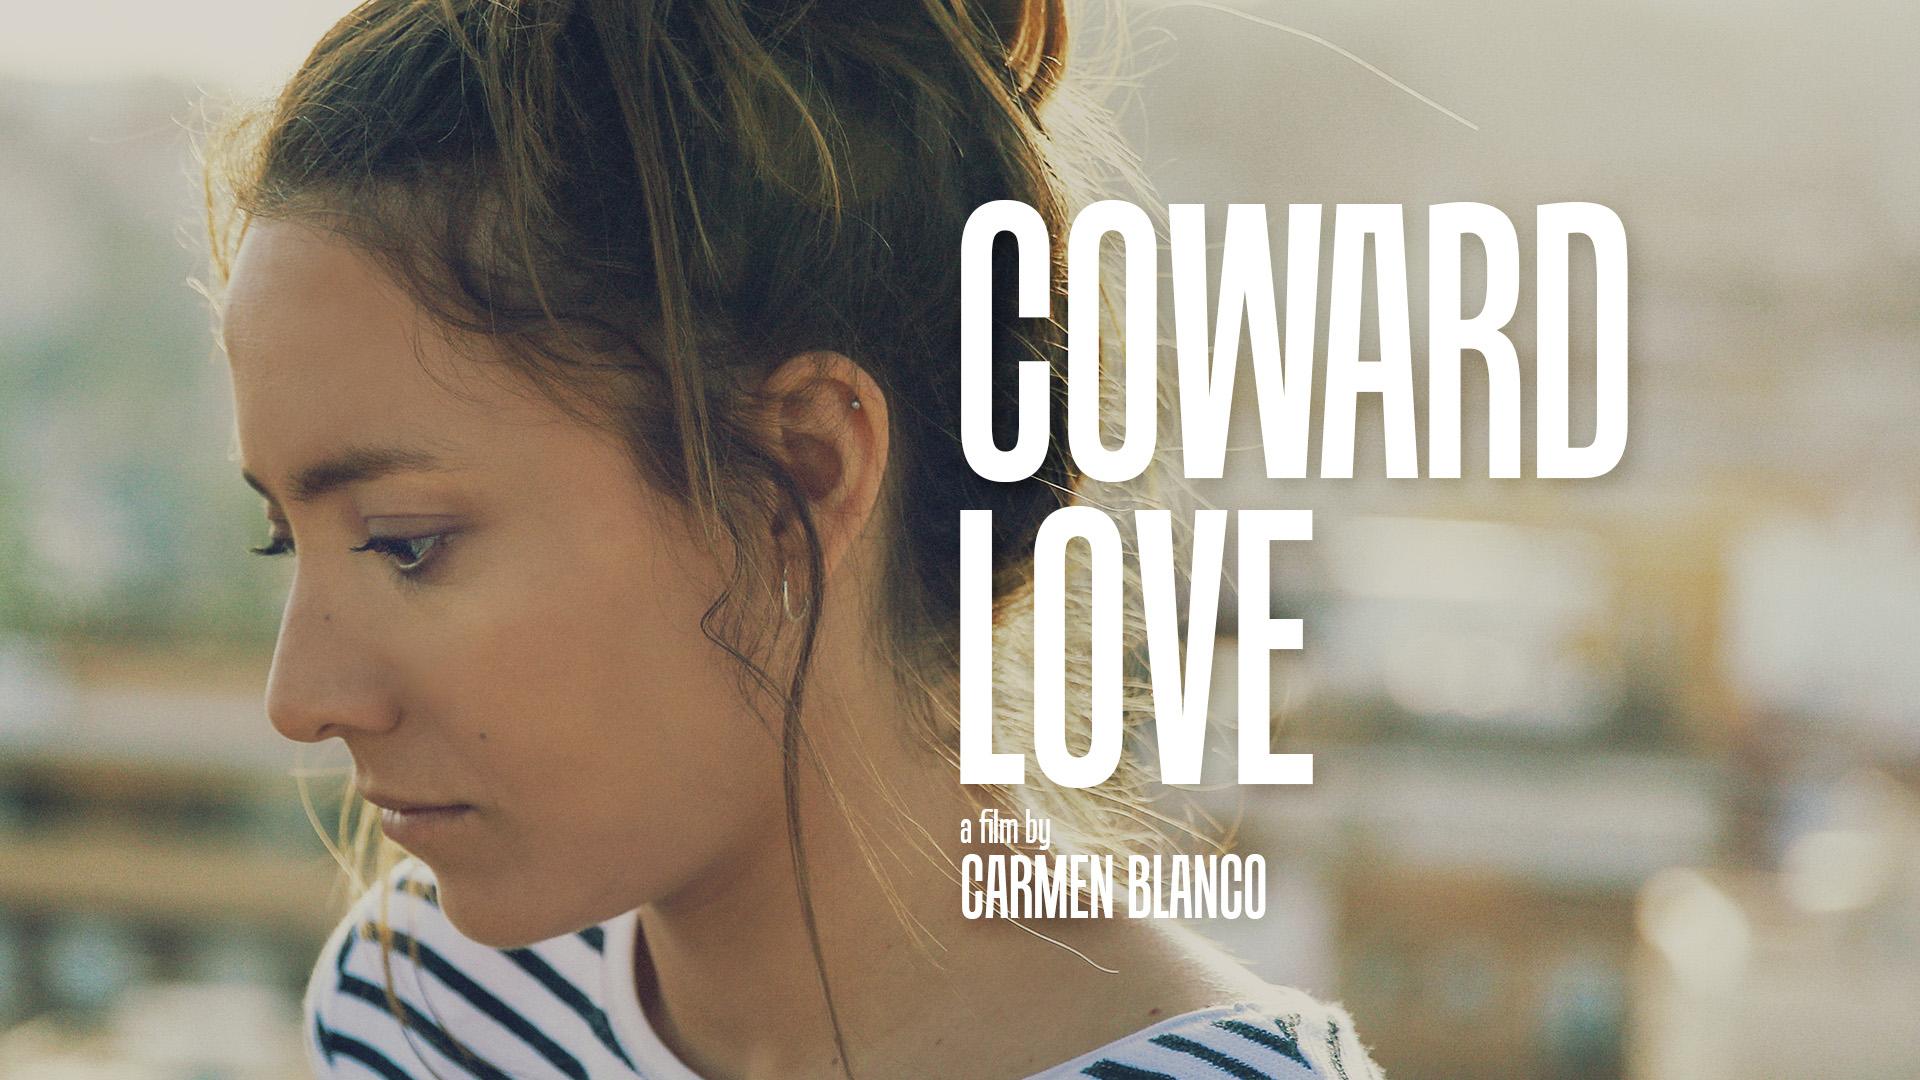 Coward Love (Los Amores Cobardes)